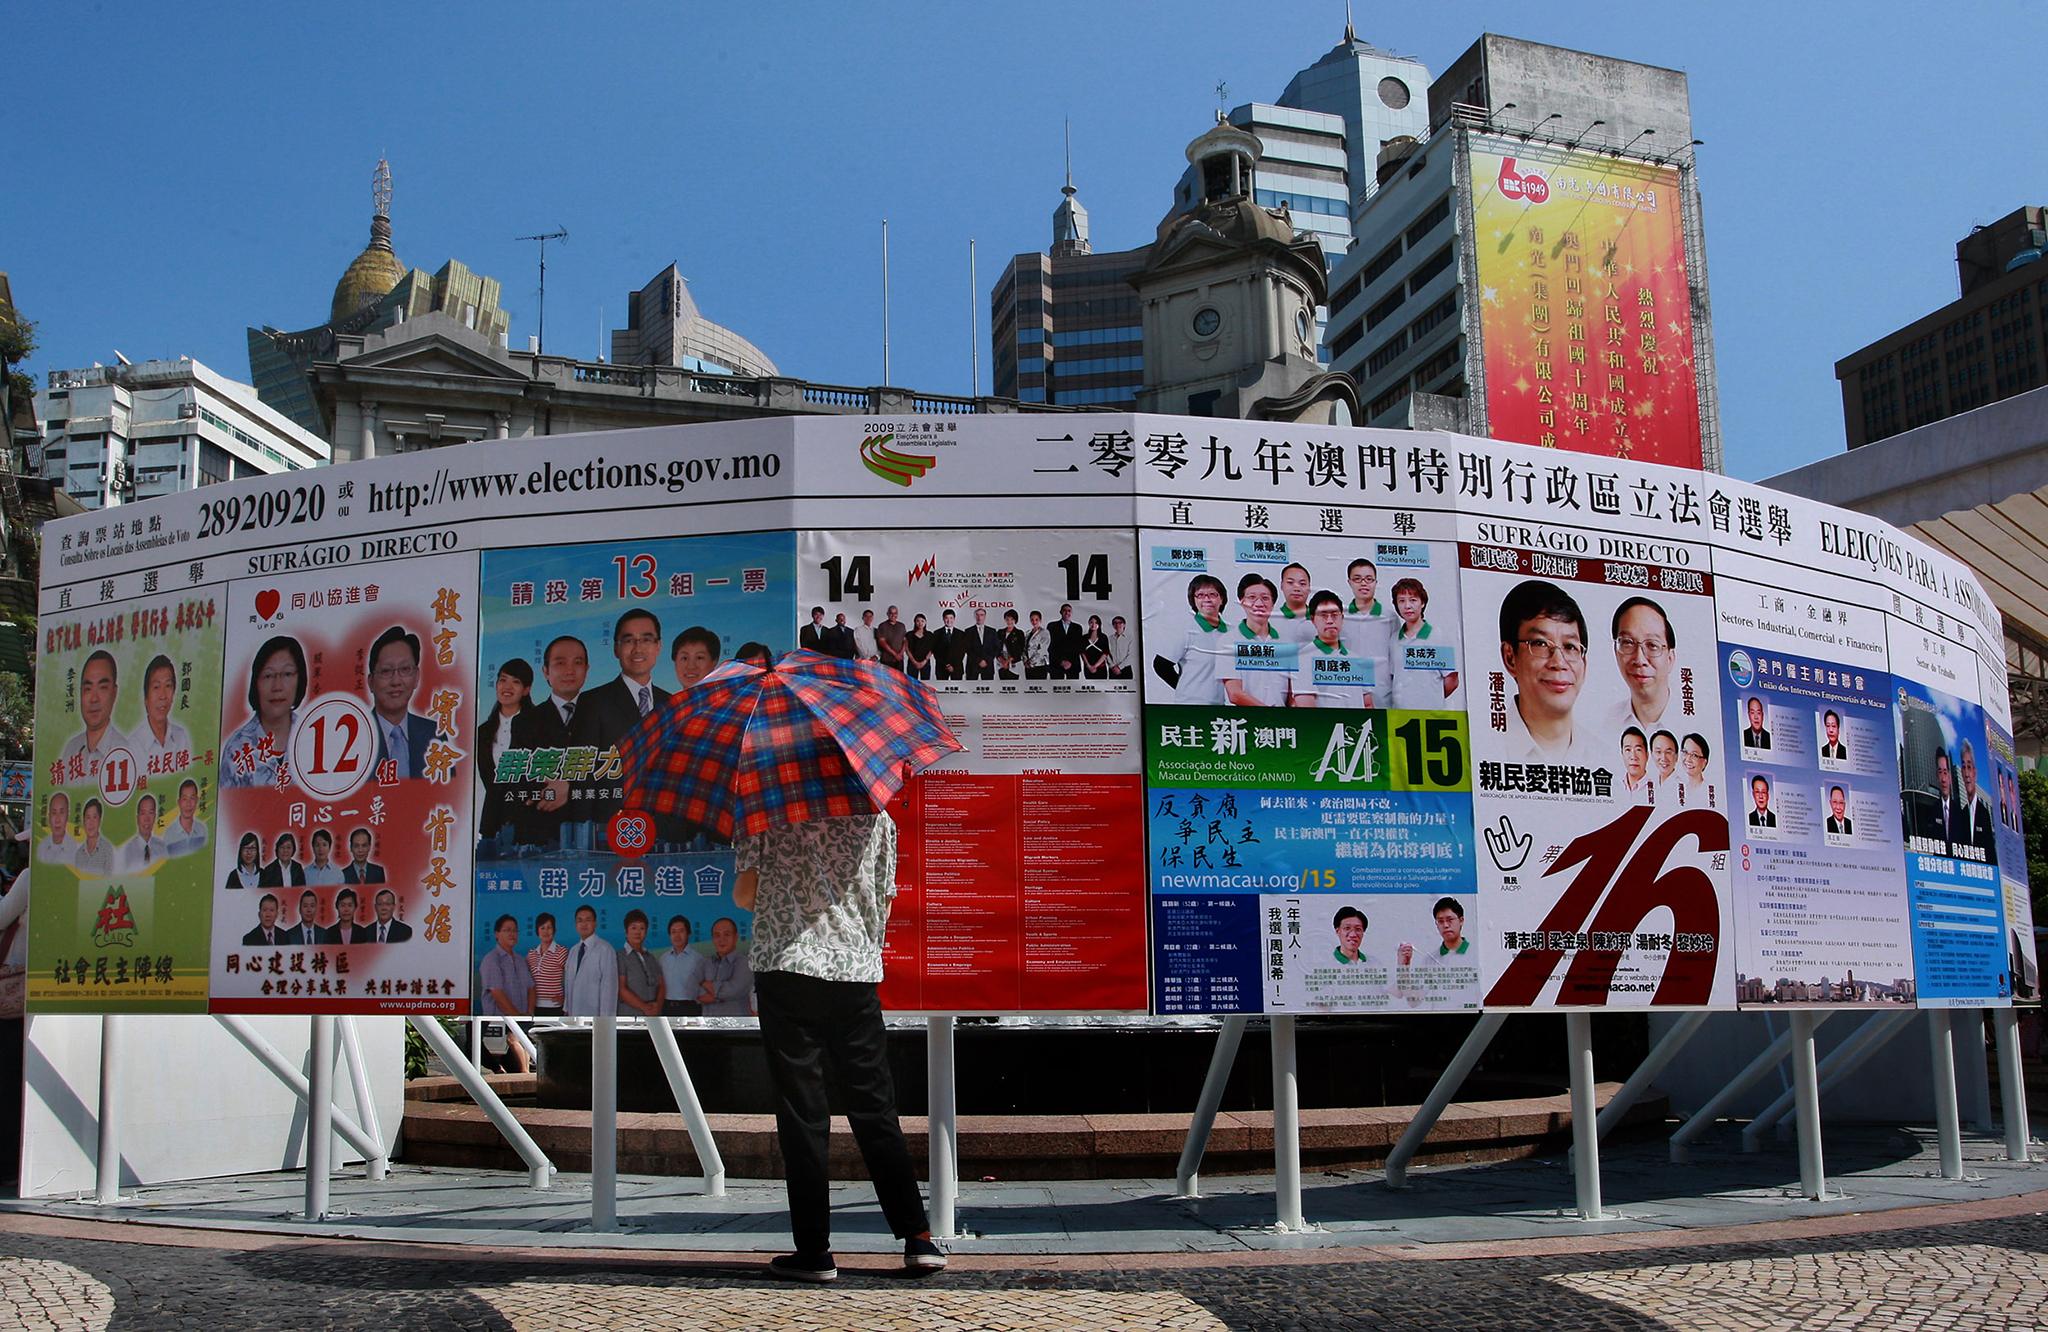 Eleições | Estudo revela que residentes prestam pouca atenção ao sufrágio